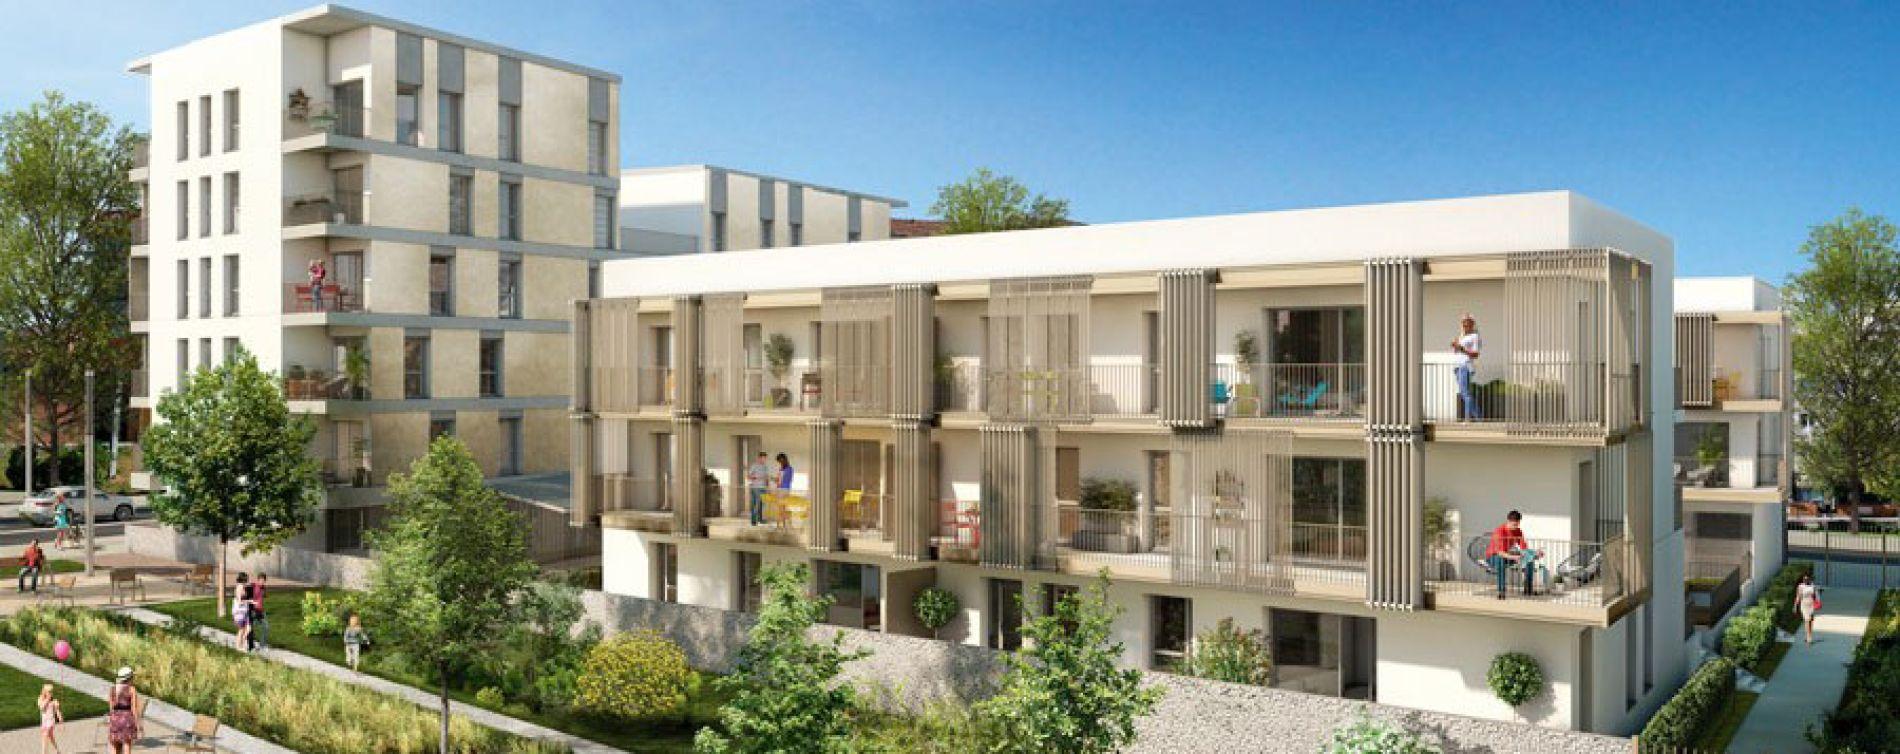 Jardinerie Pas Cher Toulouse promenades saint-martin à toulouse programme neuf réf 213472